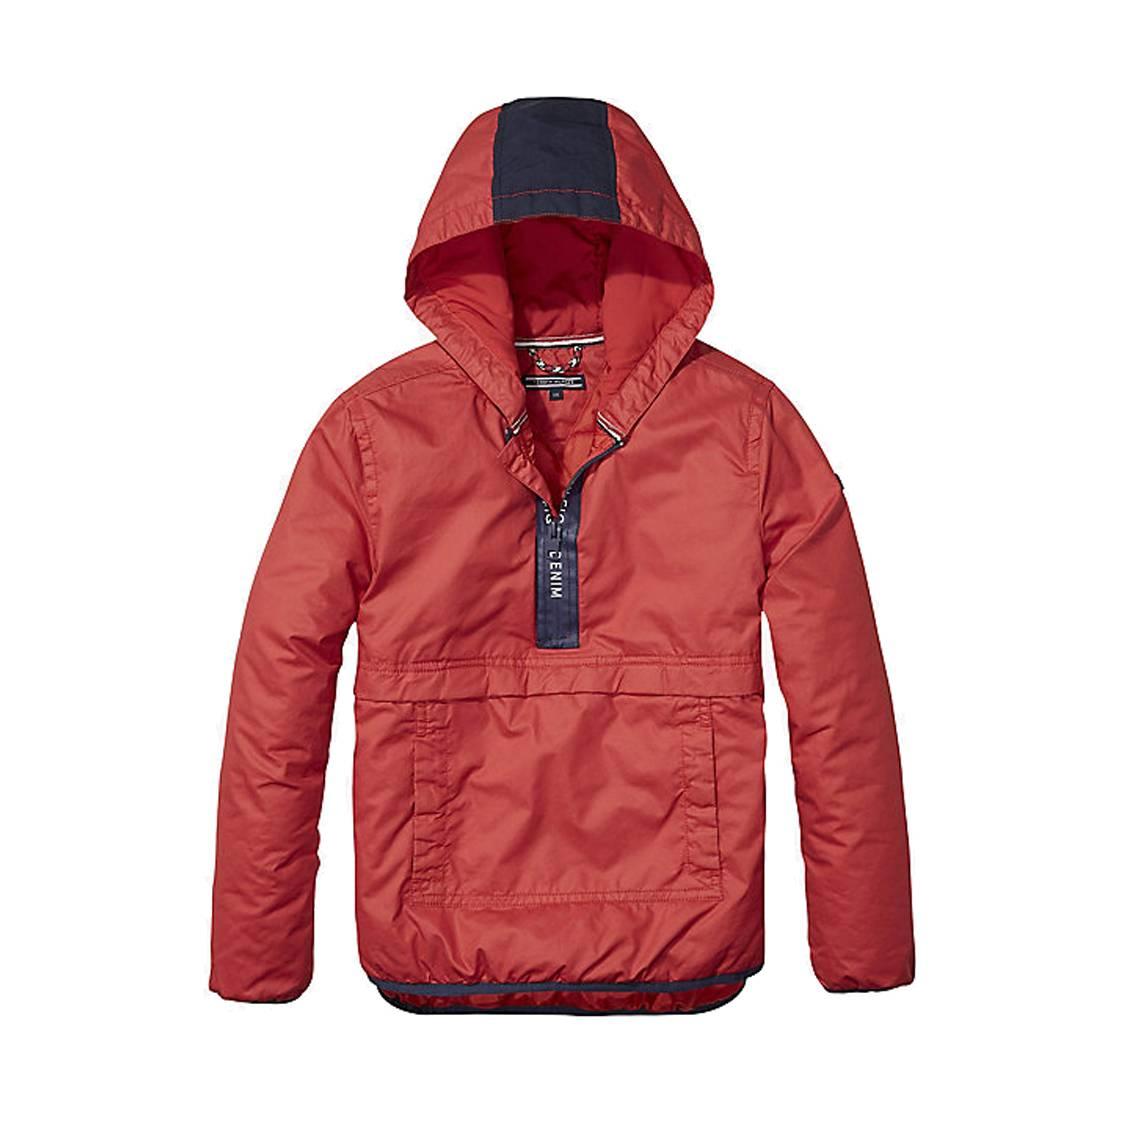 59e23859ad75 AnorakTommy Hilfiger rouge avec logo imprimé au dos ...